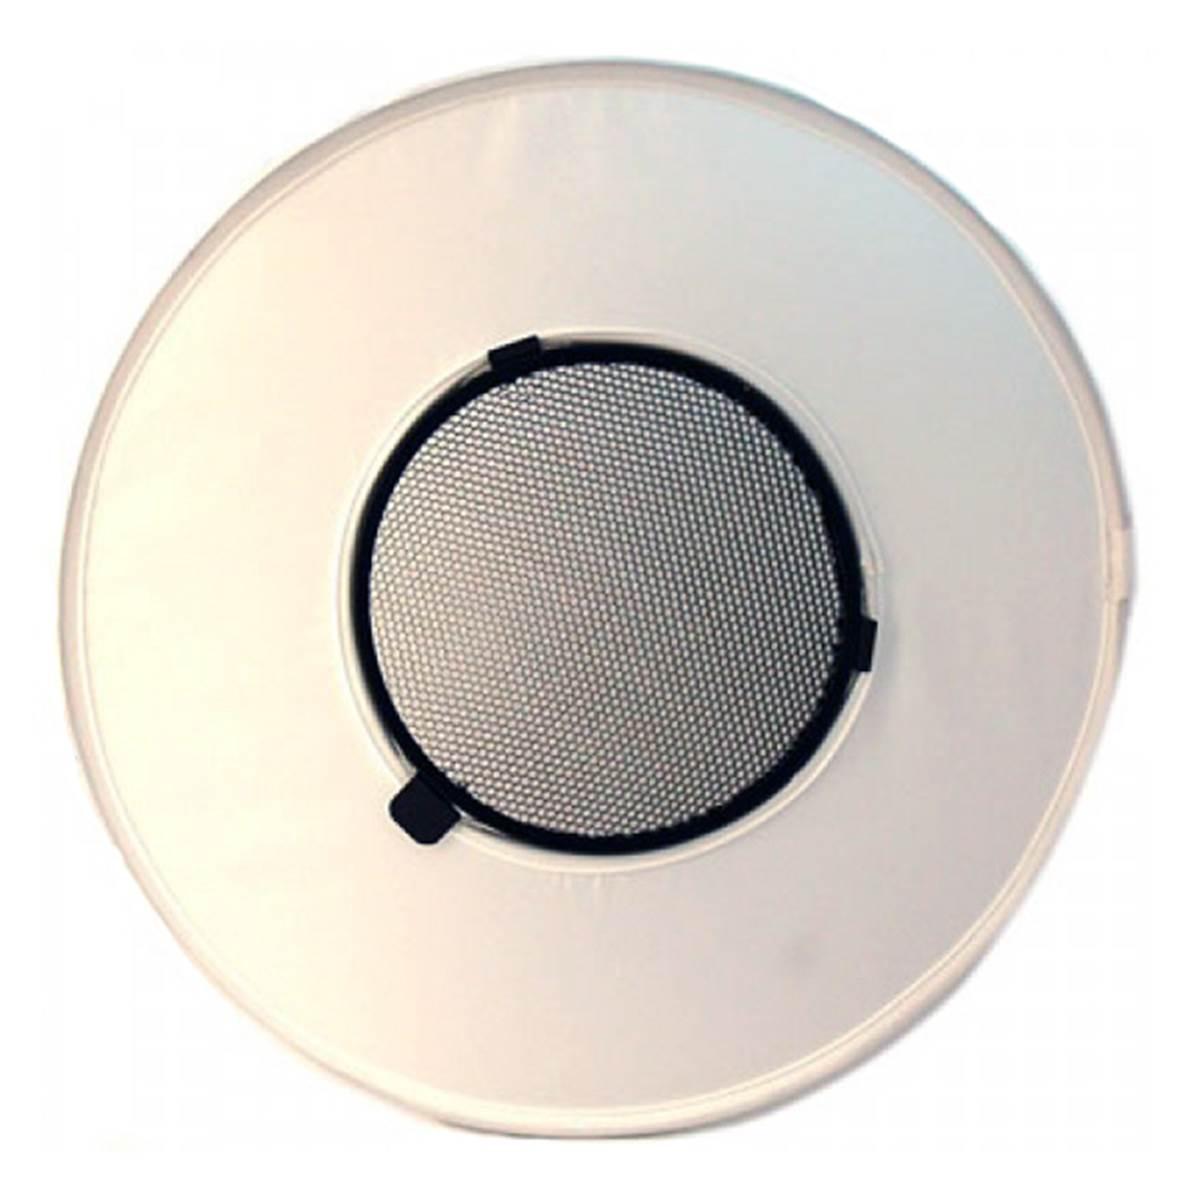 lastolite diffuseur grille nid d 39 abeille pour r flecteur beaut pour lumen8 prophot. Black Bedroom Furniture Sets. Home Design Ideas